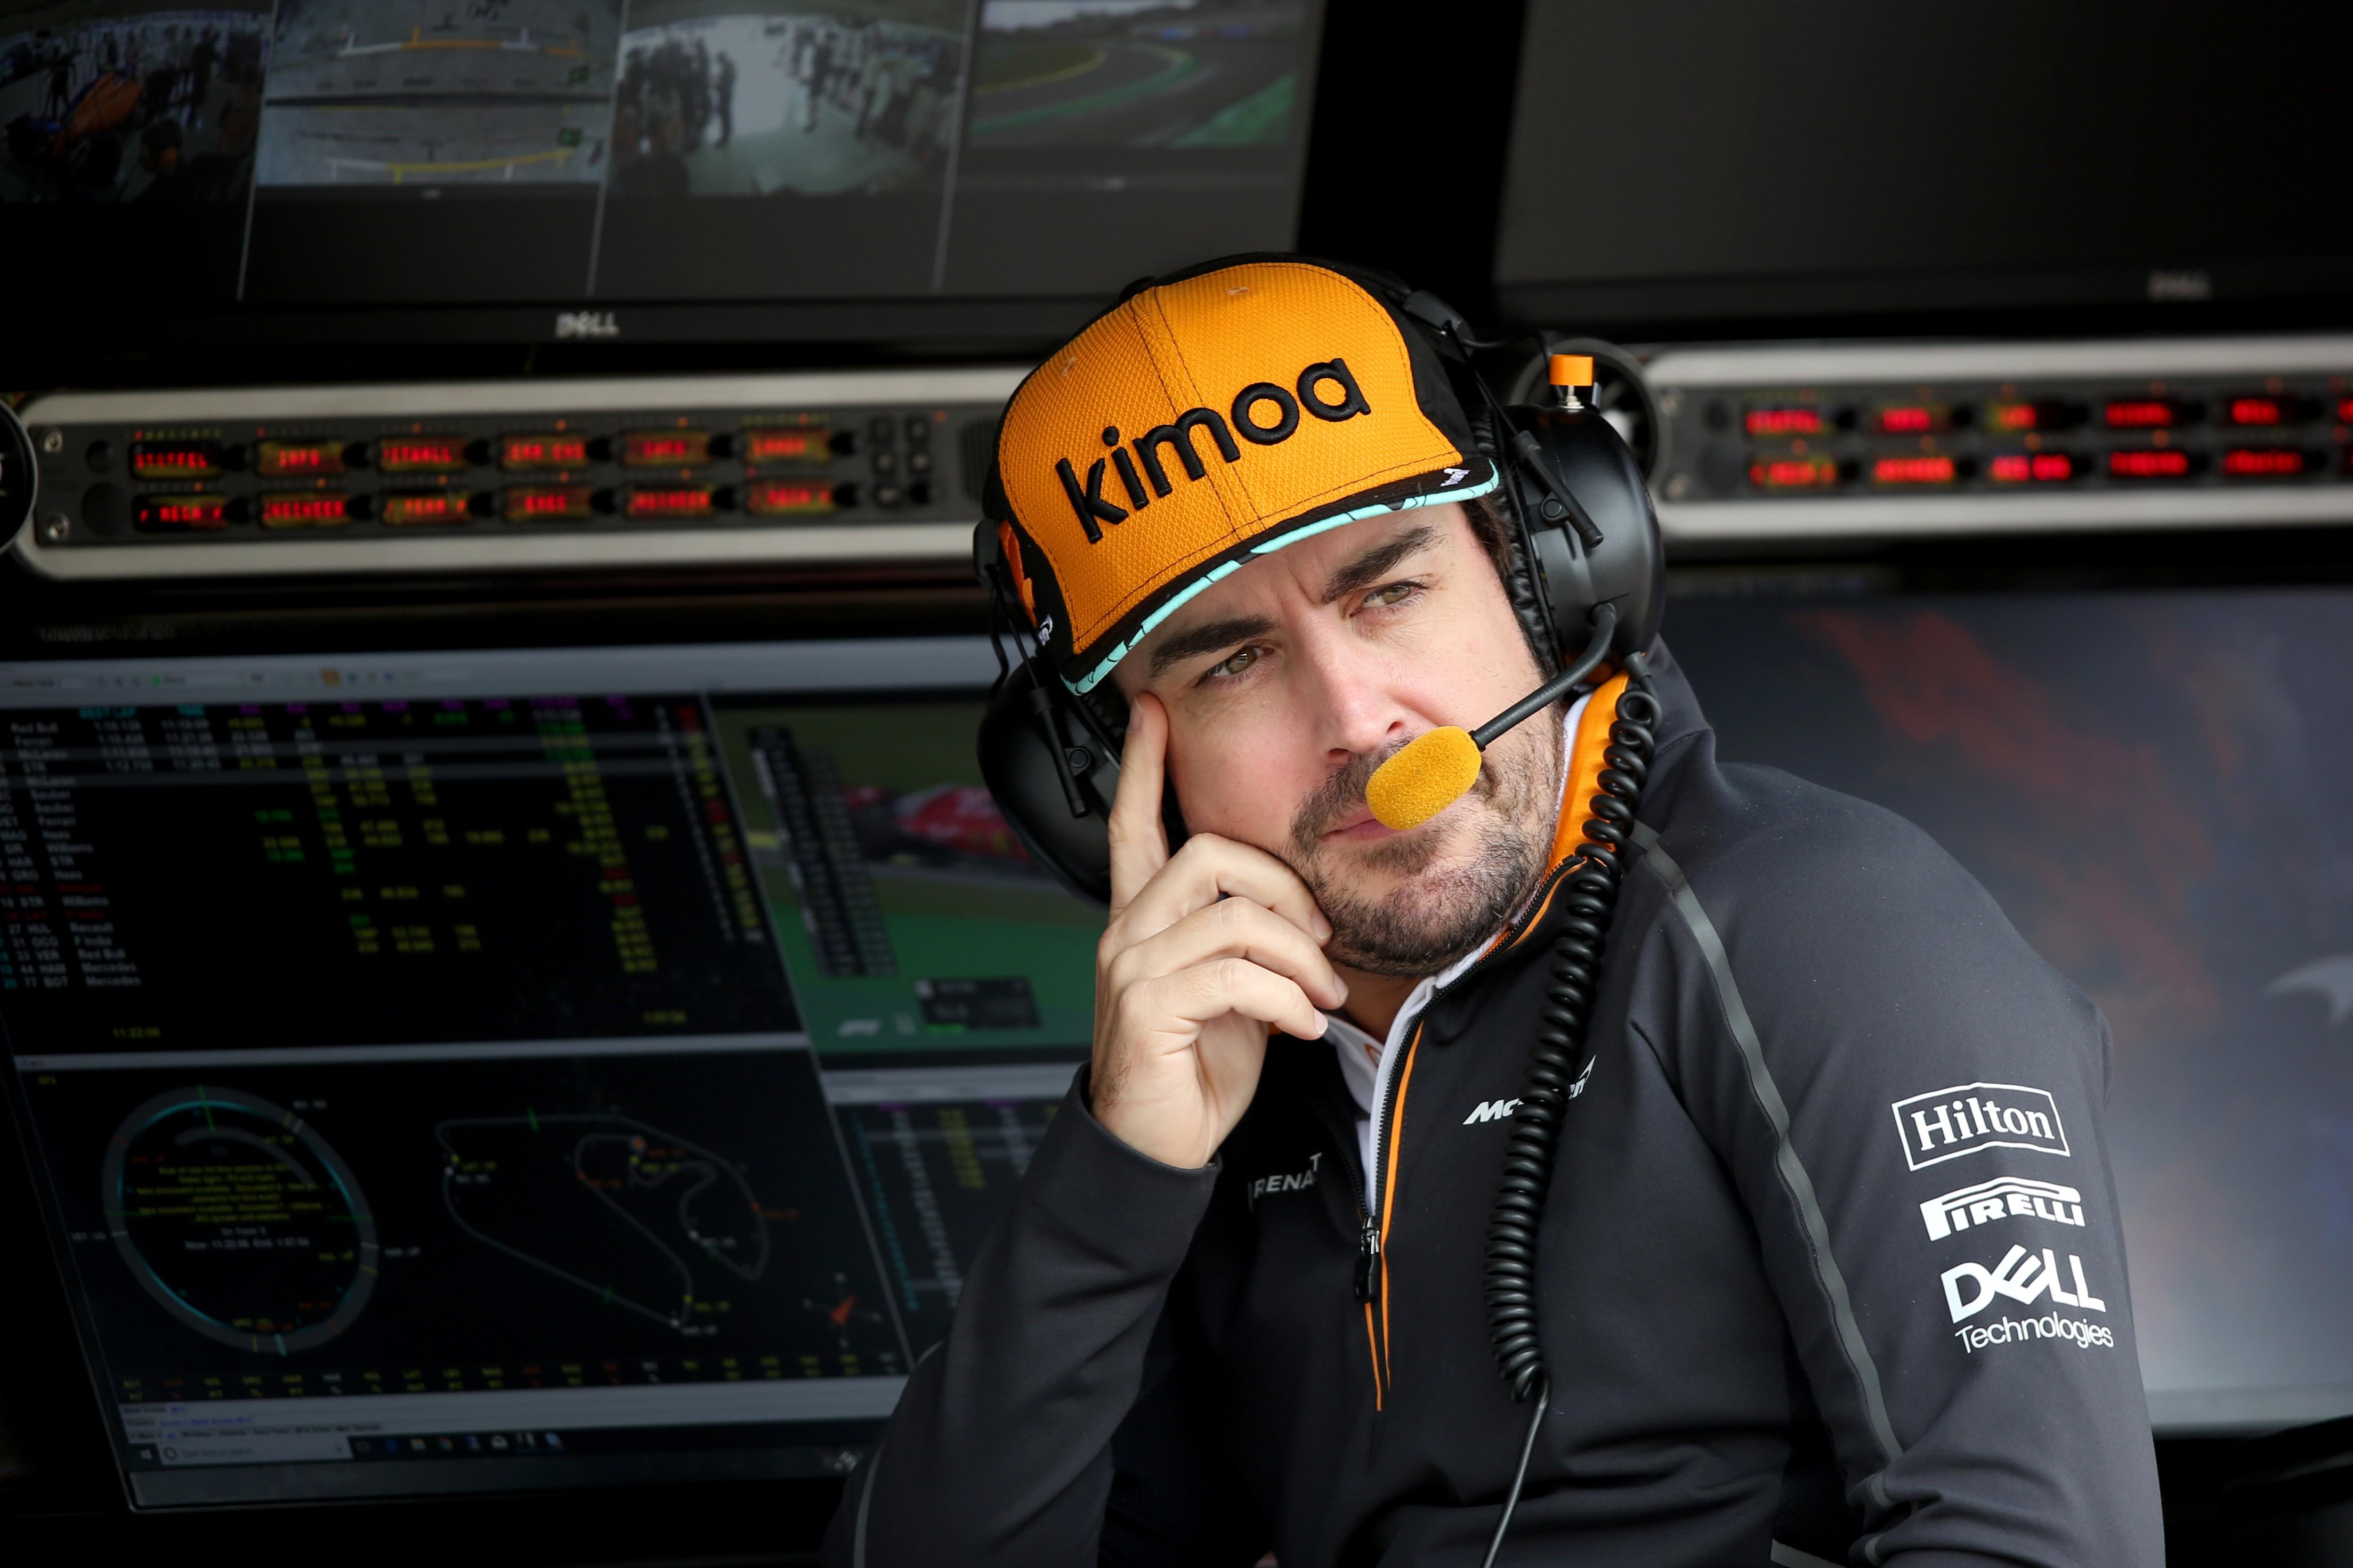 Fernando Alonso em Interlagos durante o primeiro dia de treinos do GP do Brasil, seu último como piloto da Formula 1 (Foto: Getty Images / Charles Coates)